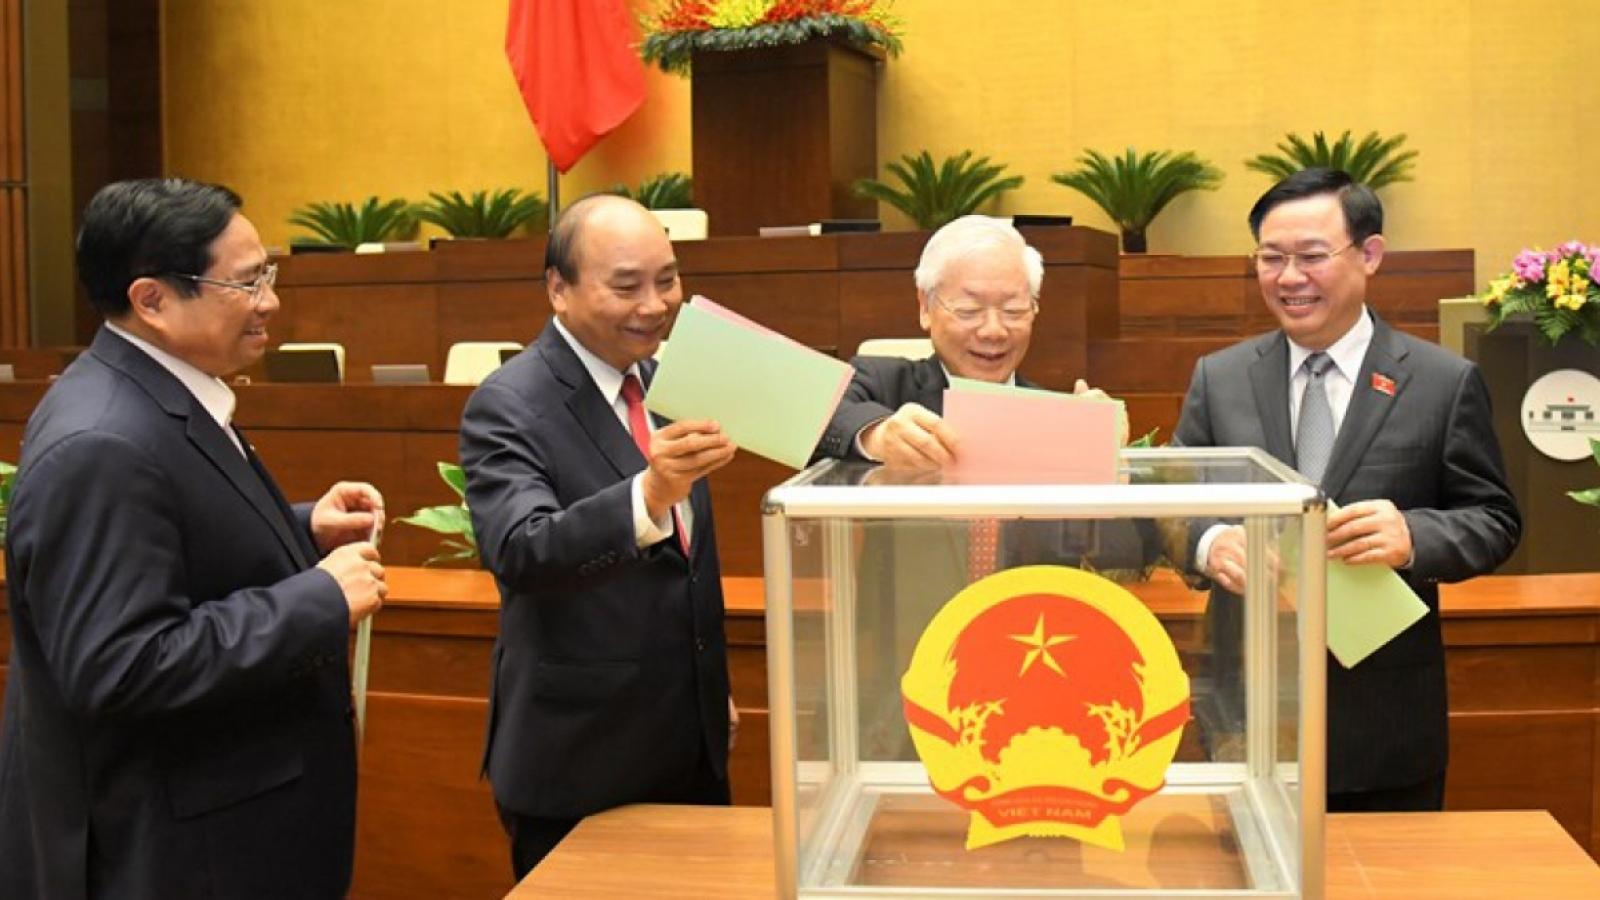 Lãnh đạo nhiều nước chúc mừng lãnh đạo chủ chốt Nhà nước, Quốc hội